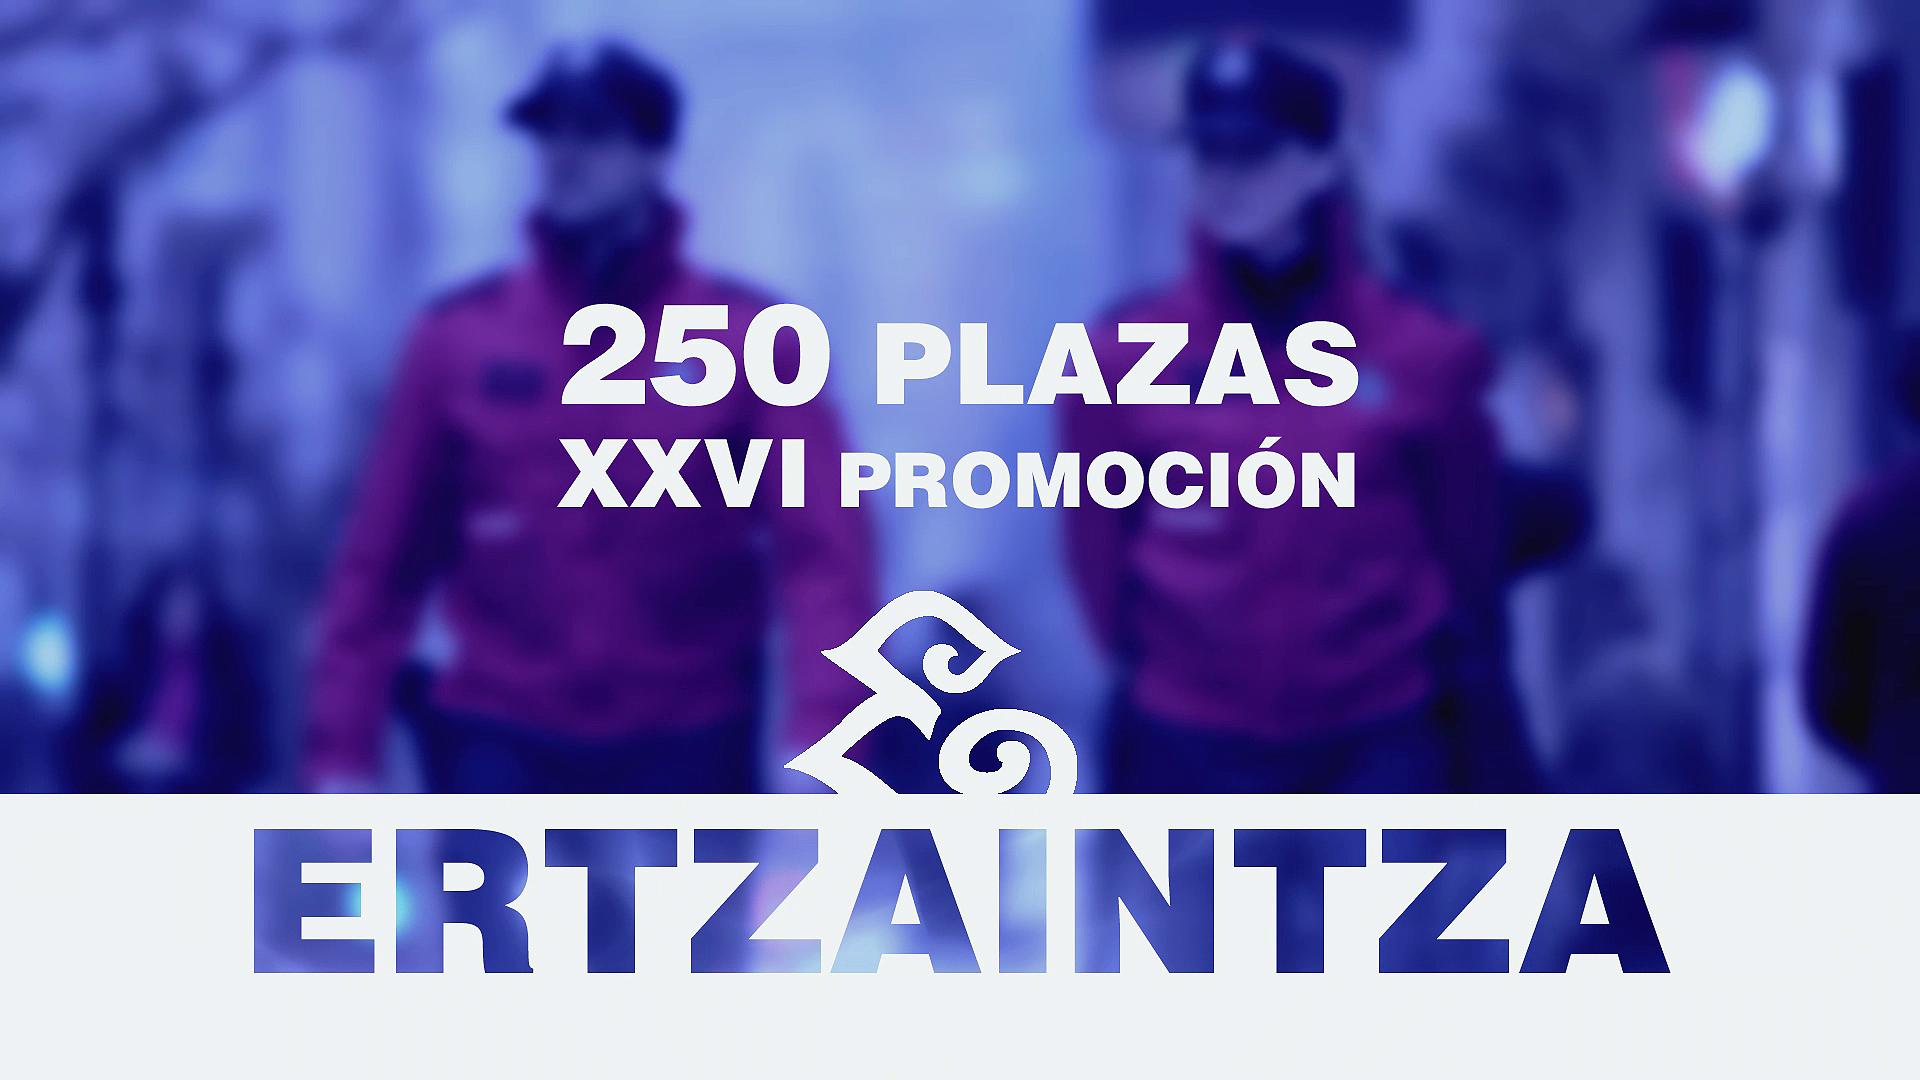 spot_ertzaintzaren_xxvi_promozioa_es.jpg